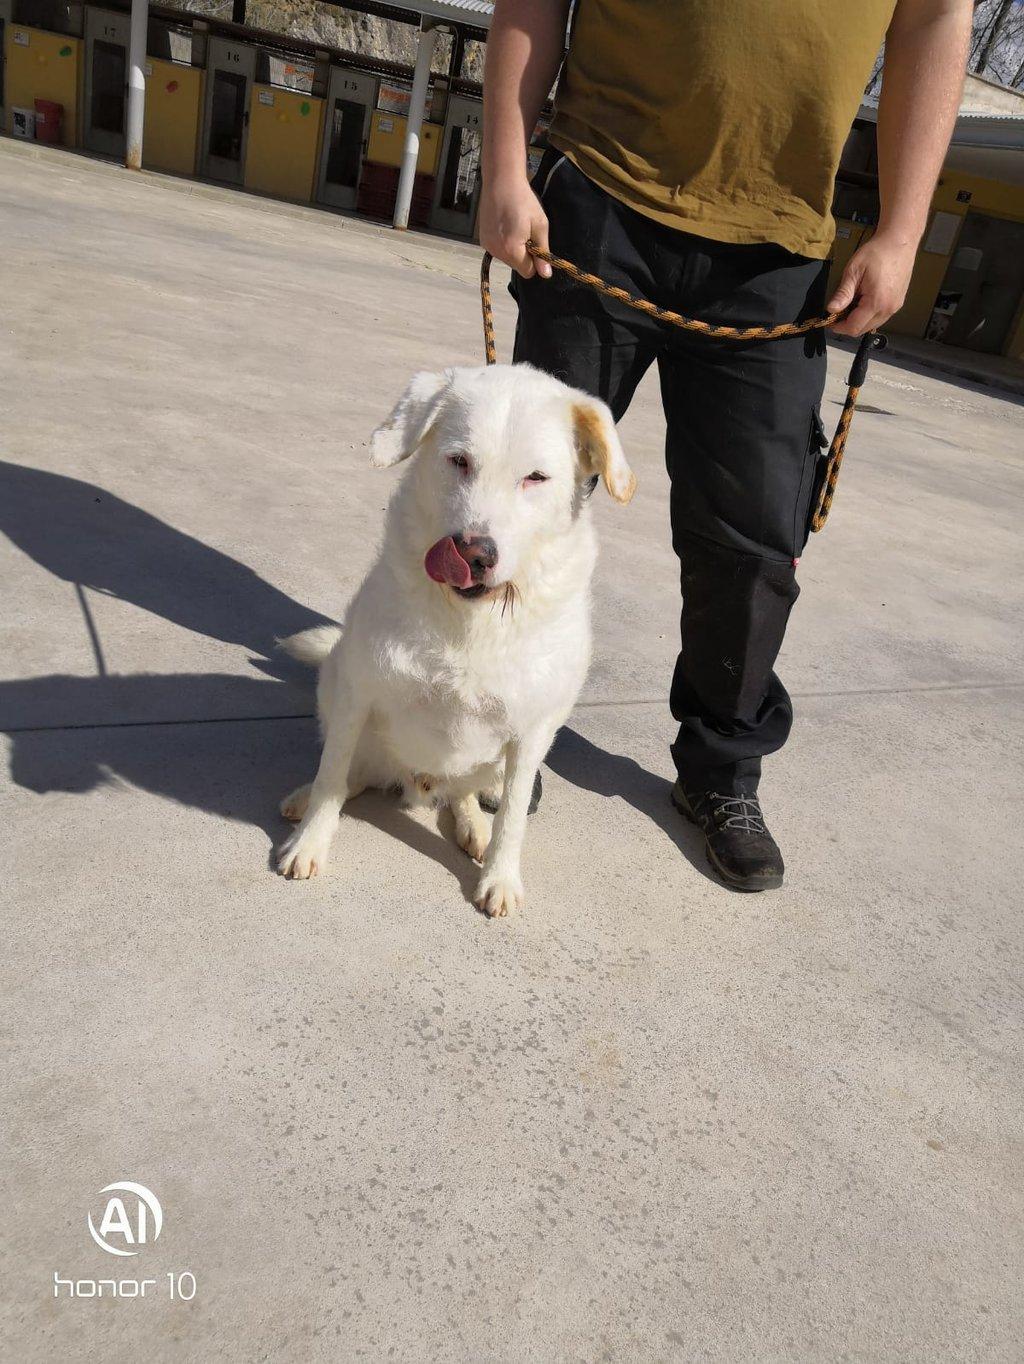 Bildertagebuch - THOR, kein Hund für Couchpotatoes - ÜBER ANDERE ORGA VERMITTELT - 35667764jf